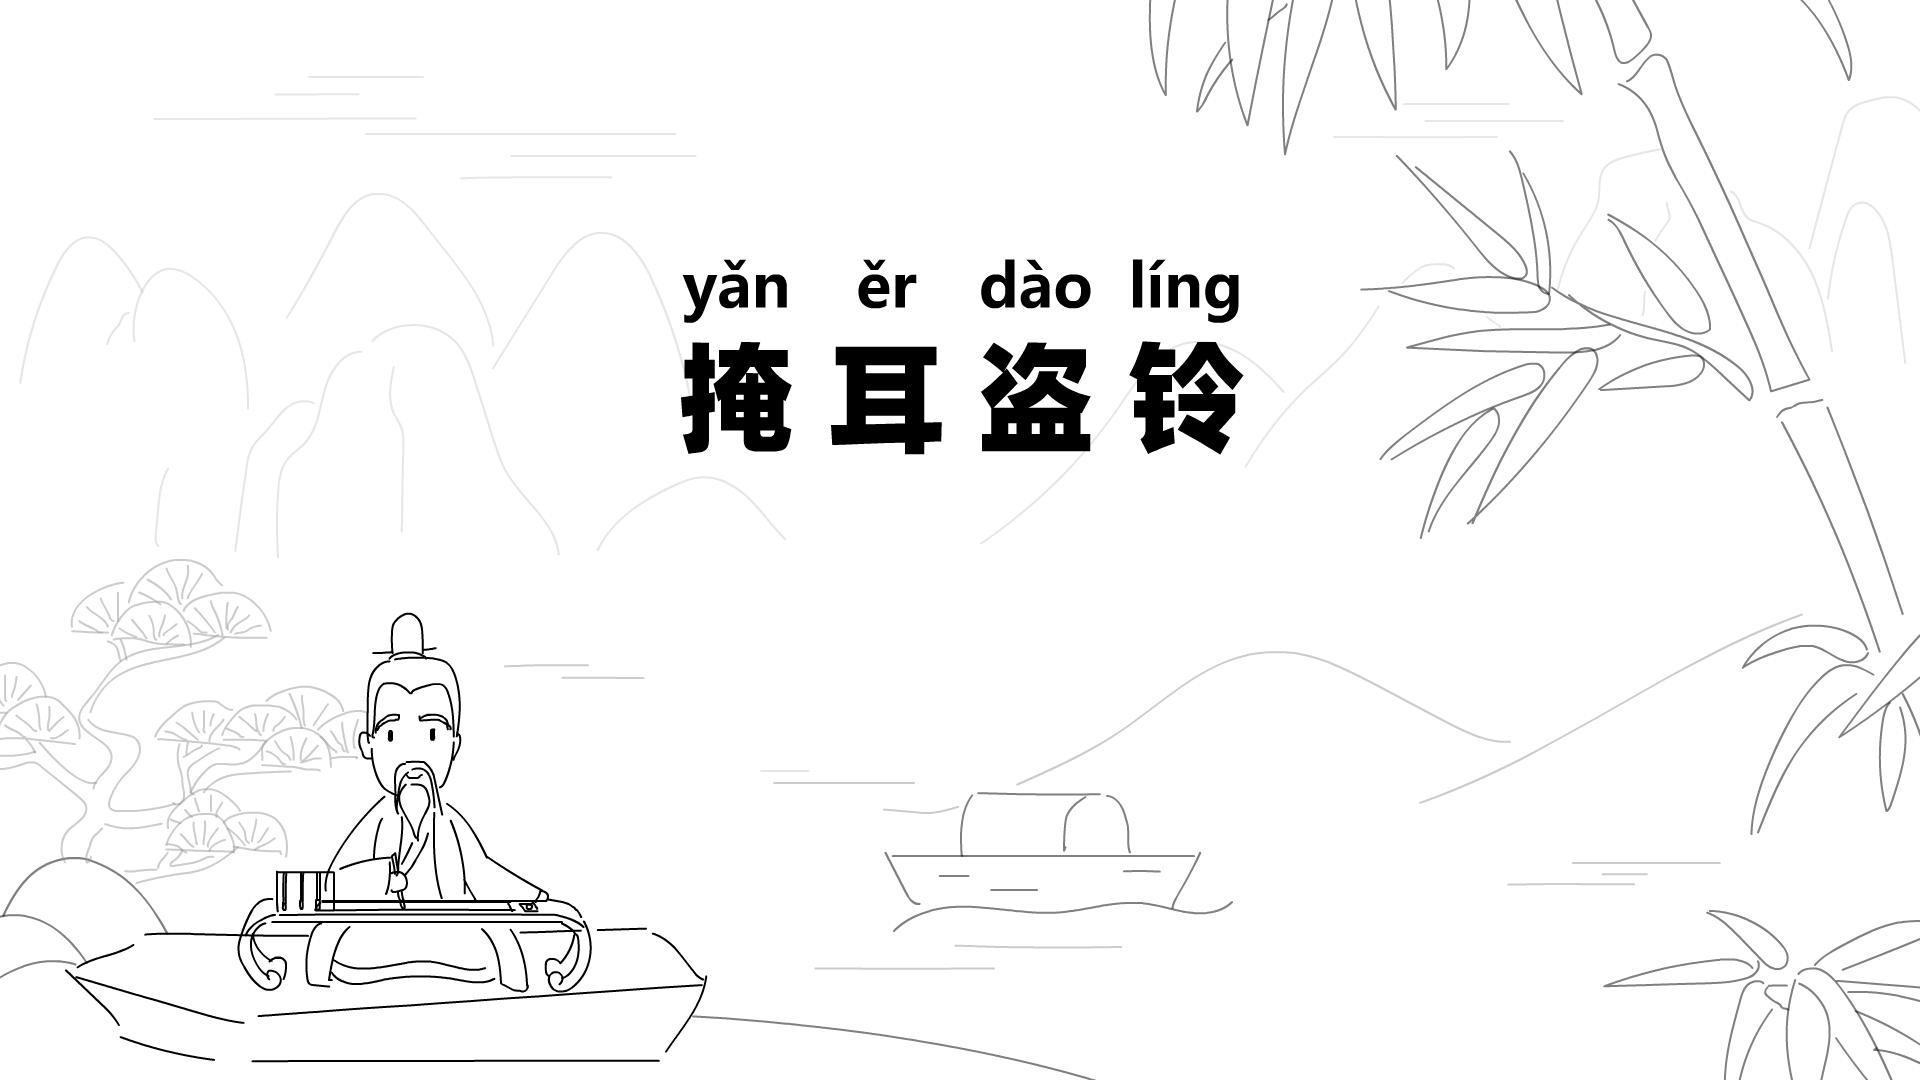 中华民间成语故事动漫制作《掩耳盗铃》分镜头设计